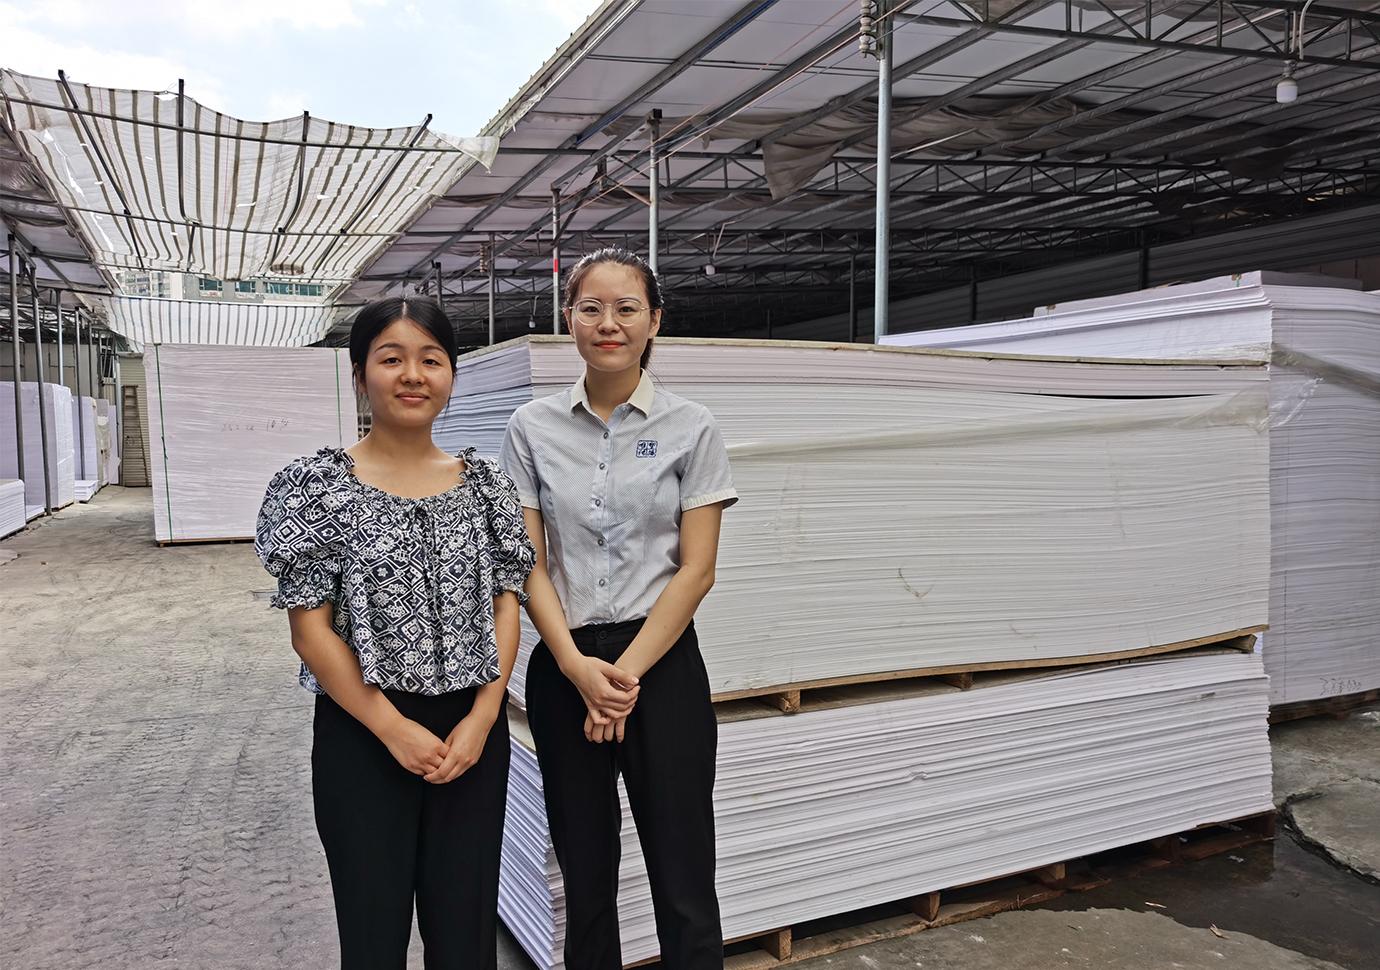 广州市容辉亚克力塑胶有限公司 (2)